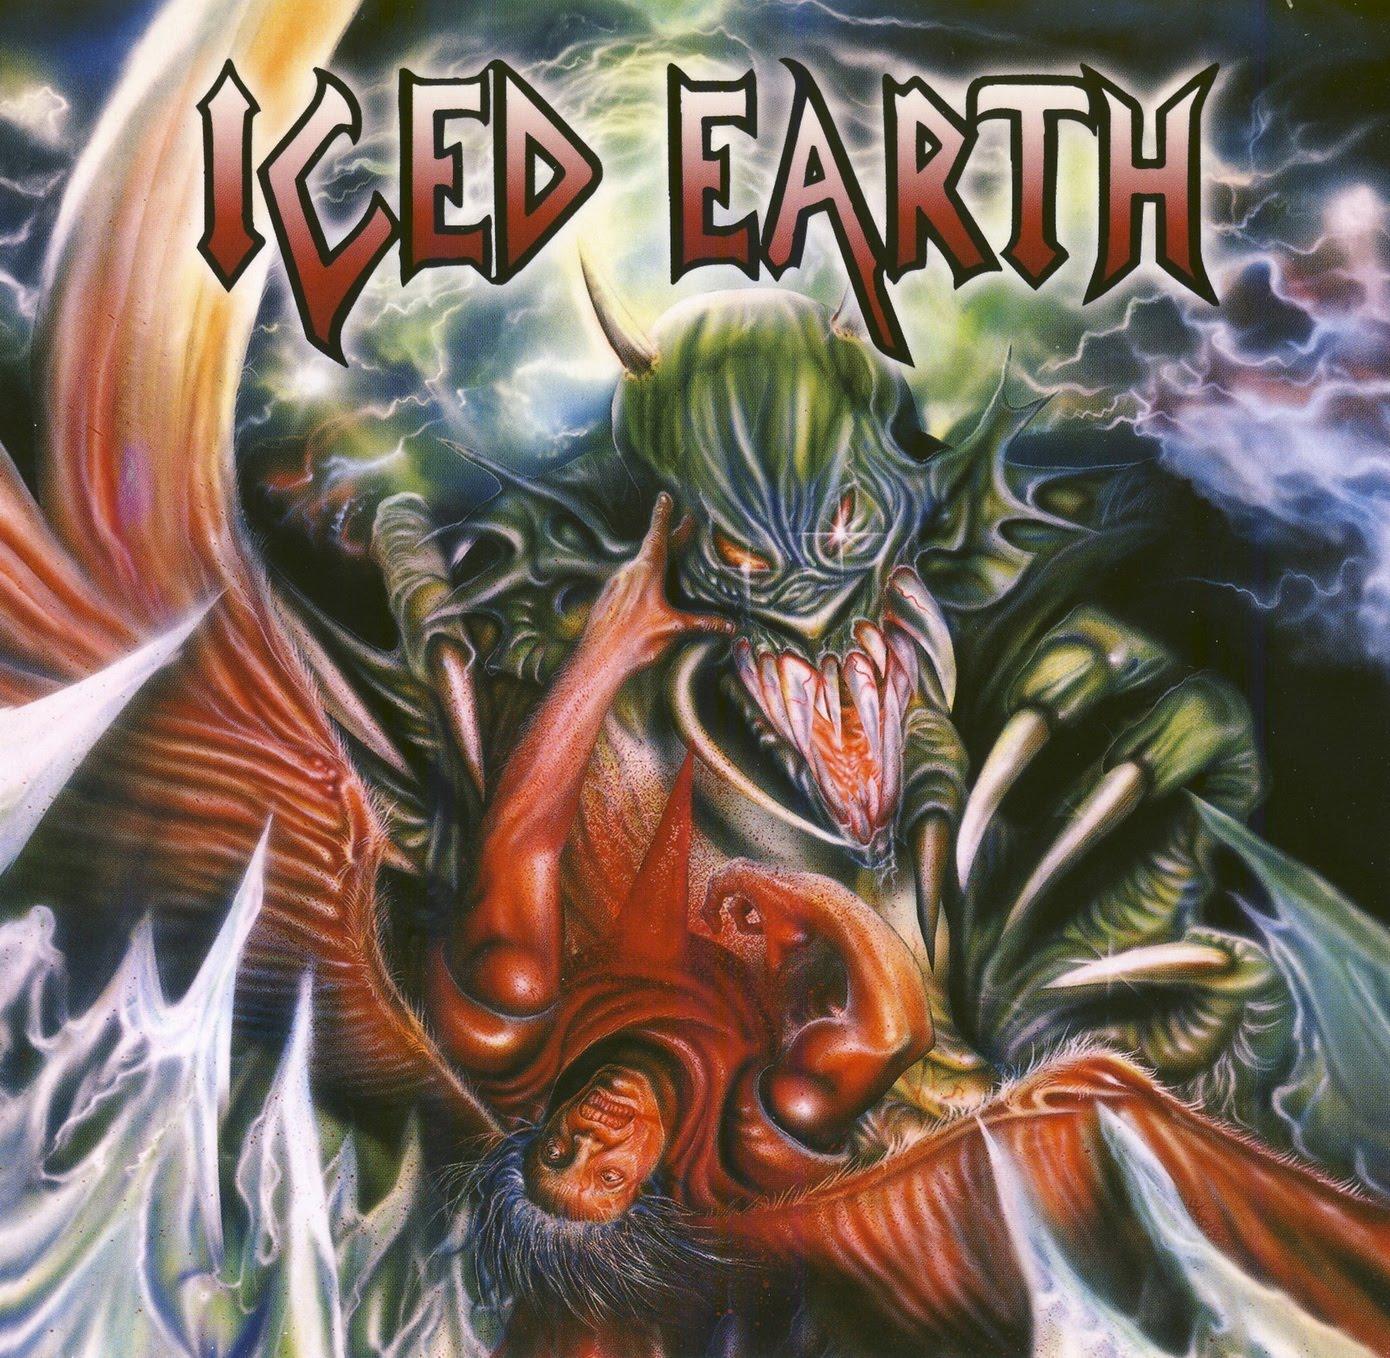 iced earth